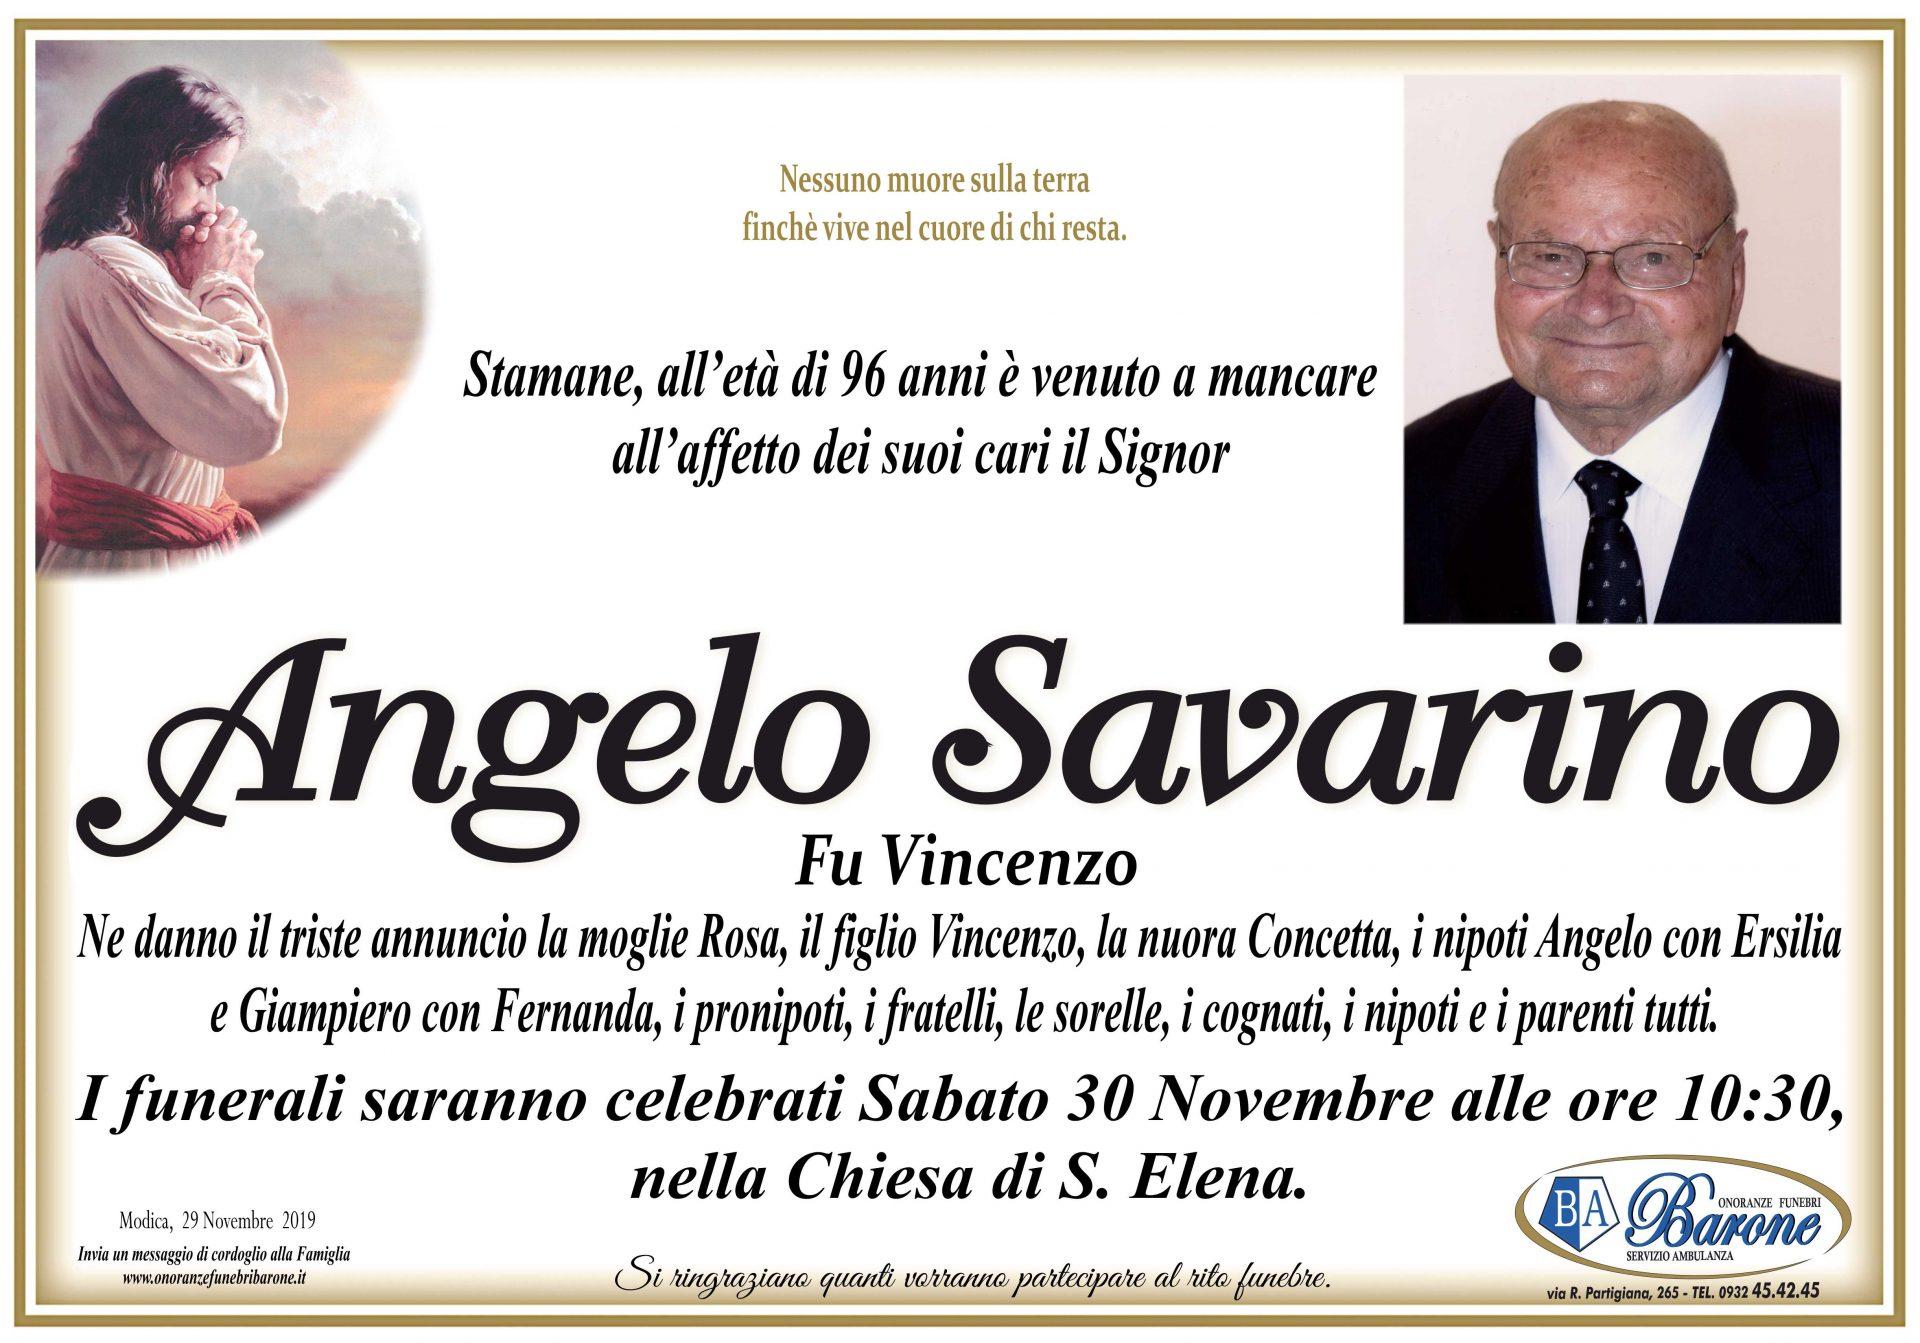 Angelo Savarino